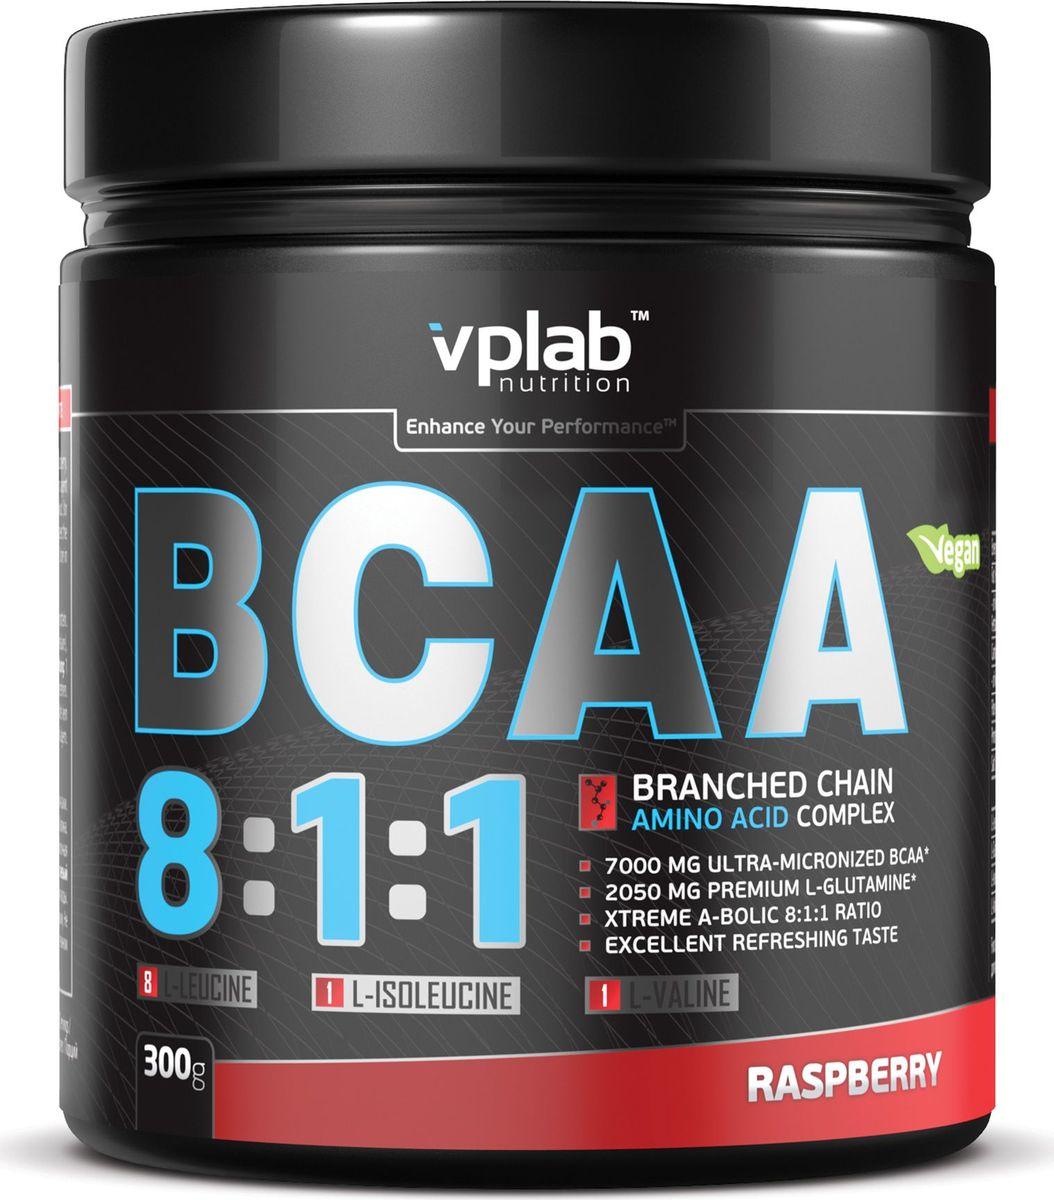 Аминокислоты Vplab BCAA 8:1:1, малина, 300 гVP54315Аминокислоты Vplab BCAA 8:1:1 - это незаменимые аминокислоты с разветвленными цепочками (ВСАА), которые являются основнымматериалом для синтеза протеина, обладают сильнейшим анаболическим эффектом, препятствуют катаболизму. L-глютамин усиливает эффектВСАА, способствуя более эффективному росту мышечной массы и восстановлению. Ультрамикронизированные BCAA нового поколенияотличаются наилучшей растворимостью и полным отсутствием горечи. Соотношение лейцин - изолейцин - валин 8:1:1 является оптимальным длямаксимального увеличения анаболического потенциала мышечных тканей.Питательная ценность: Питательная ценность на 100 г: энергетическая ценность - 354 ккал (1,487), белки - 71,8 г, углеводы - 6,2 г, из которых сахара - 0,1 г, жиры - 0,1 г,клетчатка - 0,08 г. Аминокислоты на 100 г белка: L-лейцин - 56 г, L-глютамин - 20,6 г, L-изолейцин - 7 г, L-валин - 7 г.